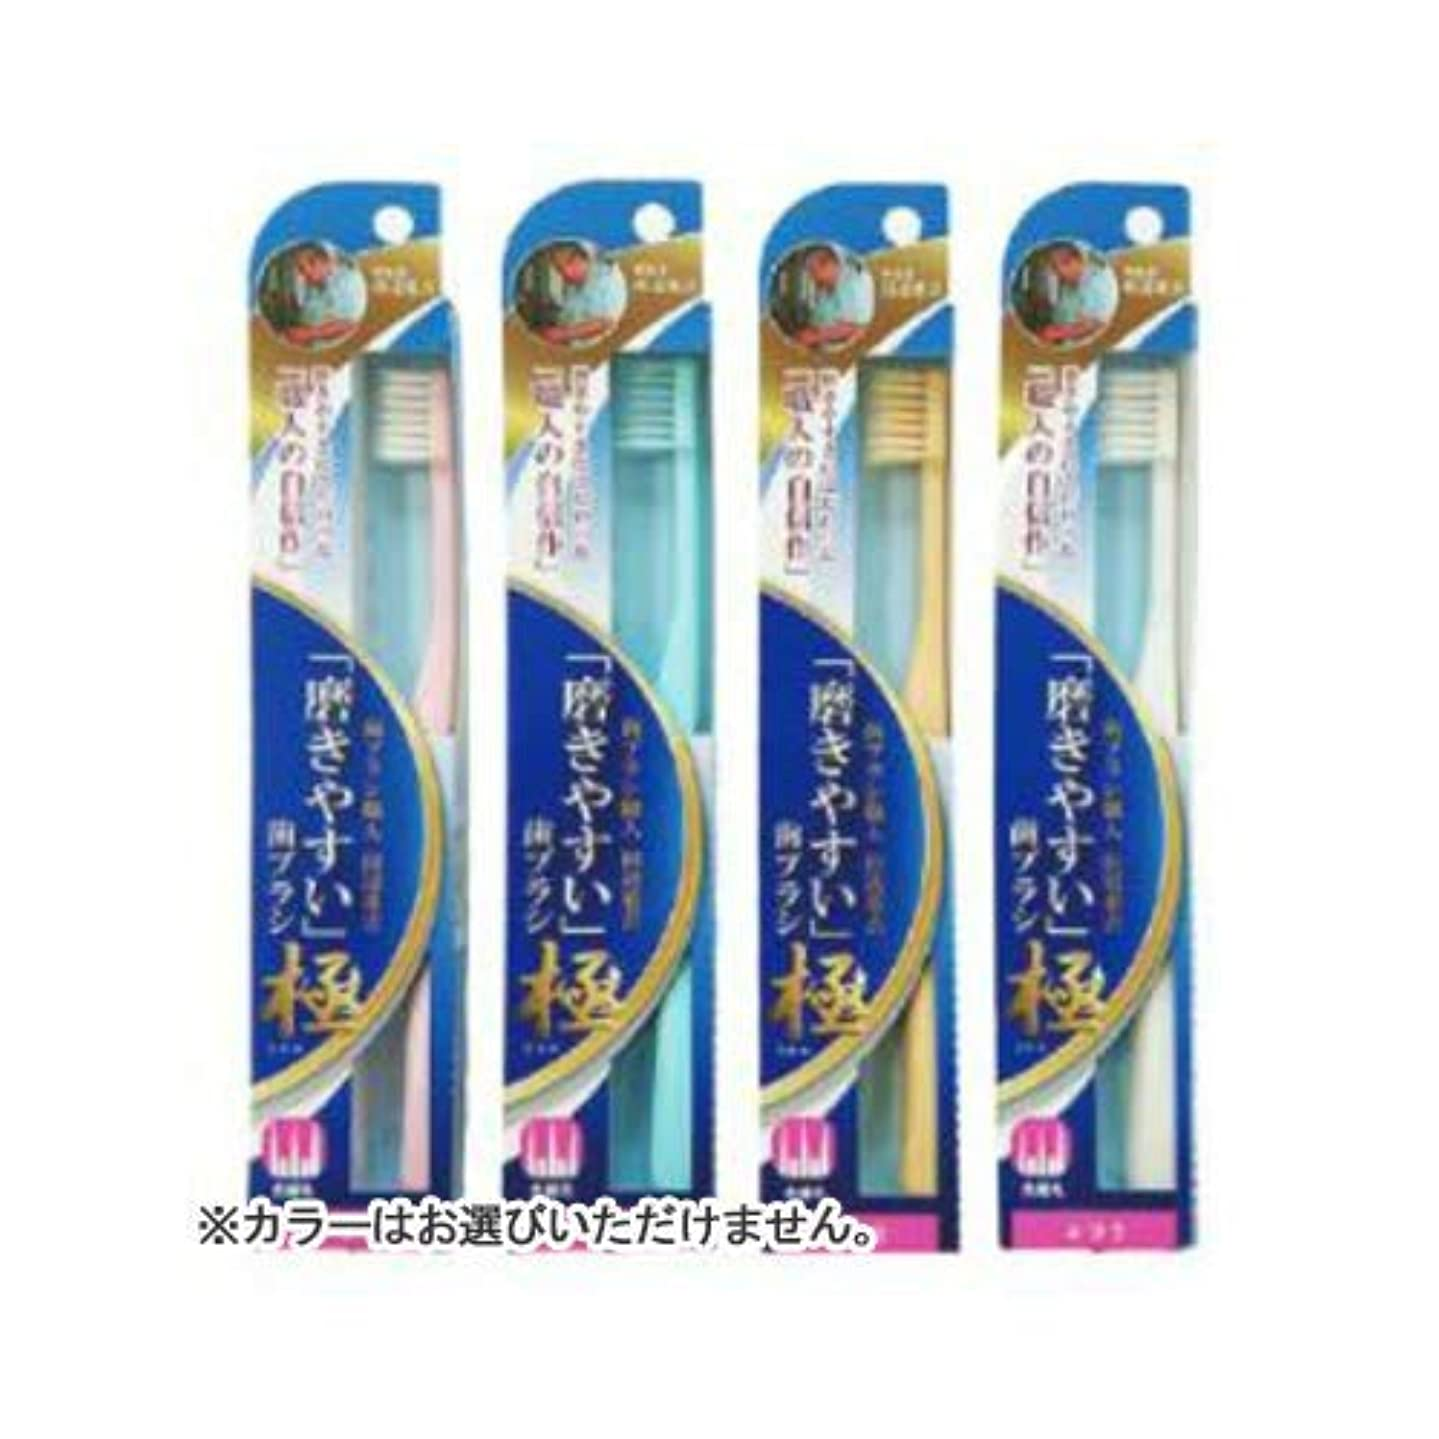 に変わる静かに人類LT-44磨きやすい歯ブラシ極 ふつう × 240個セット